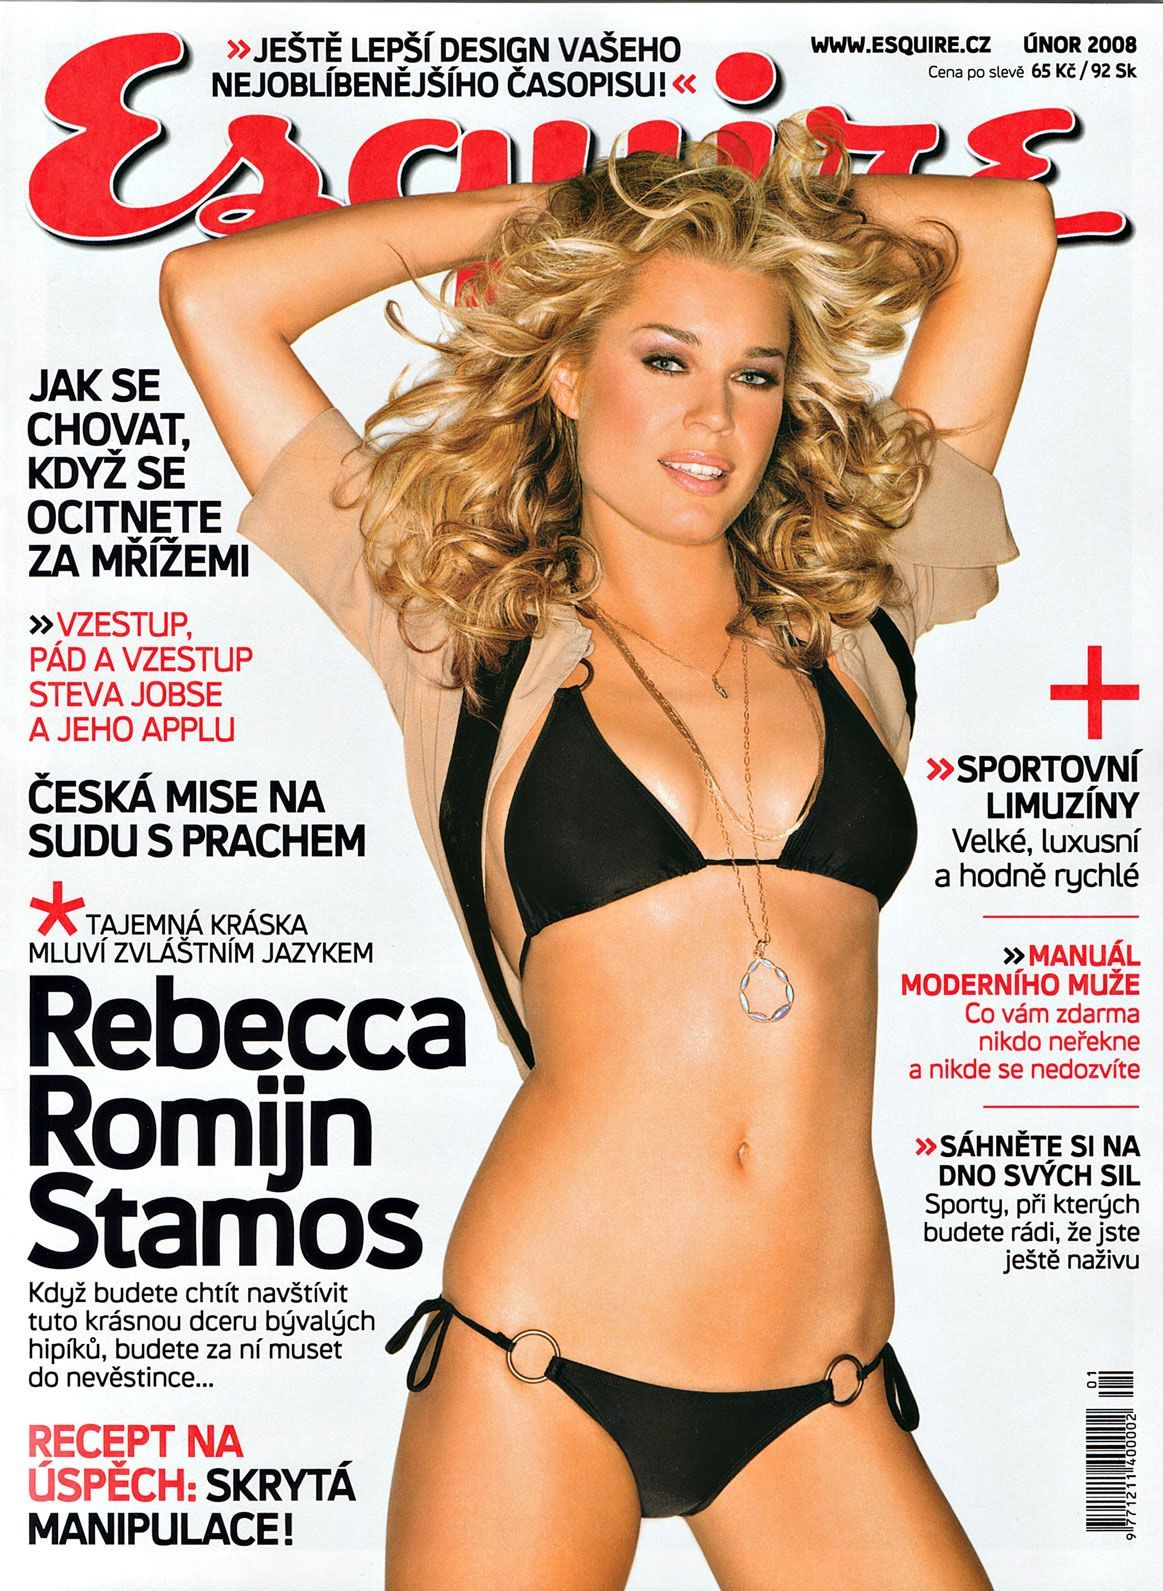 Rebeccca romijin bikini